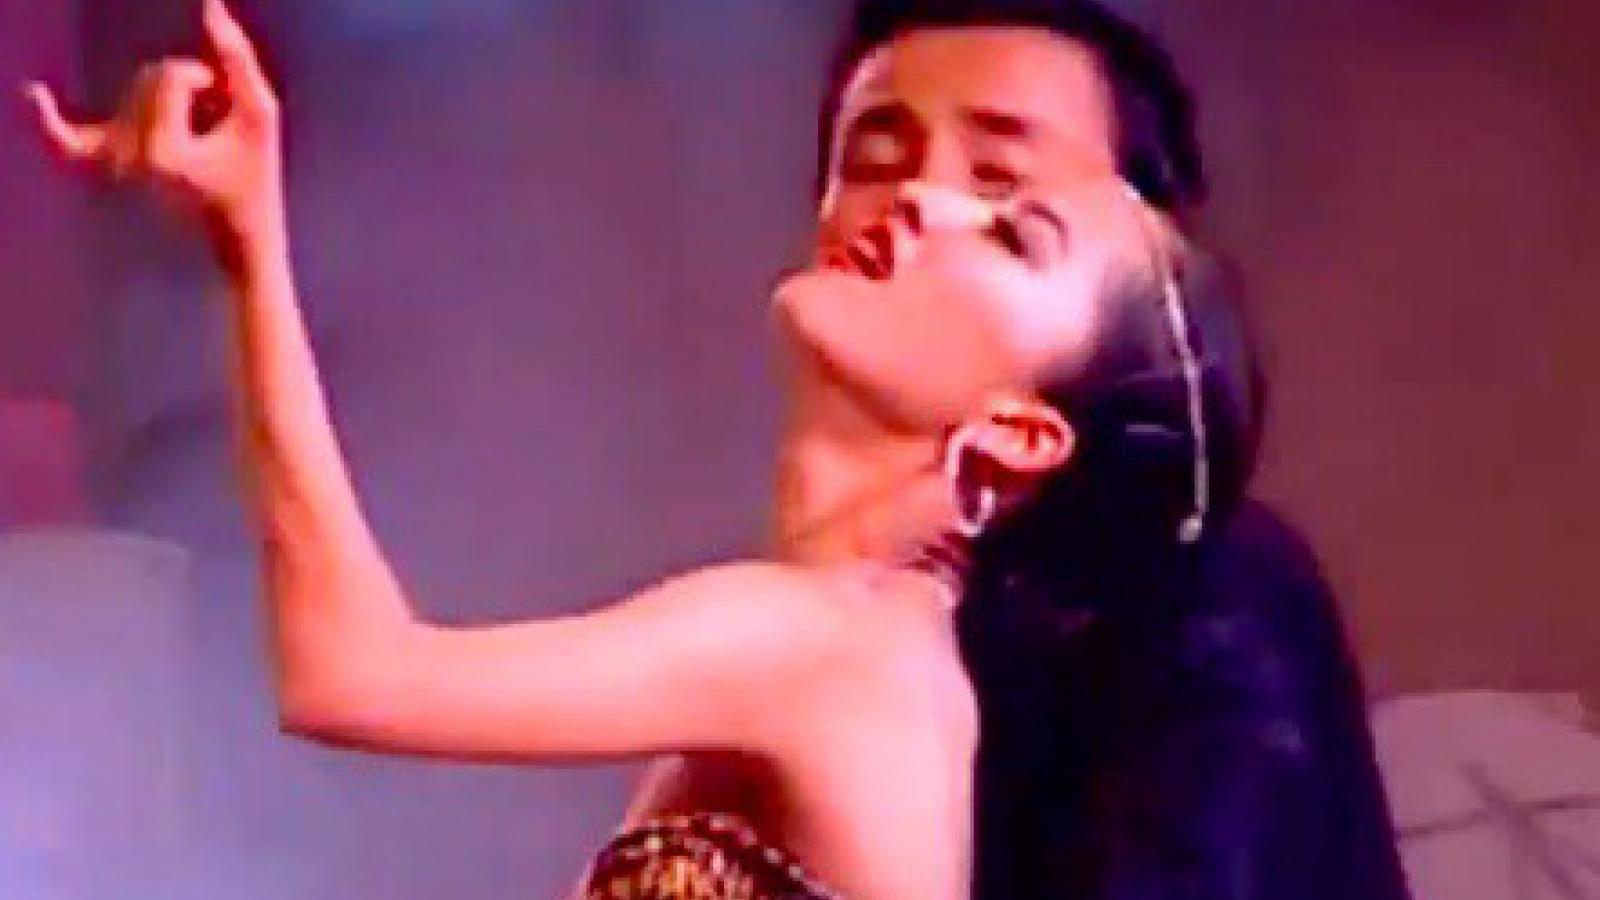 Chuyện showbiz: Khánh Thi thời 17 tuổi tình tứ nhảy bên Chí Anh